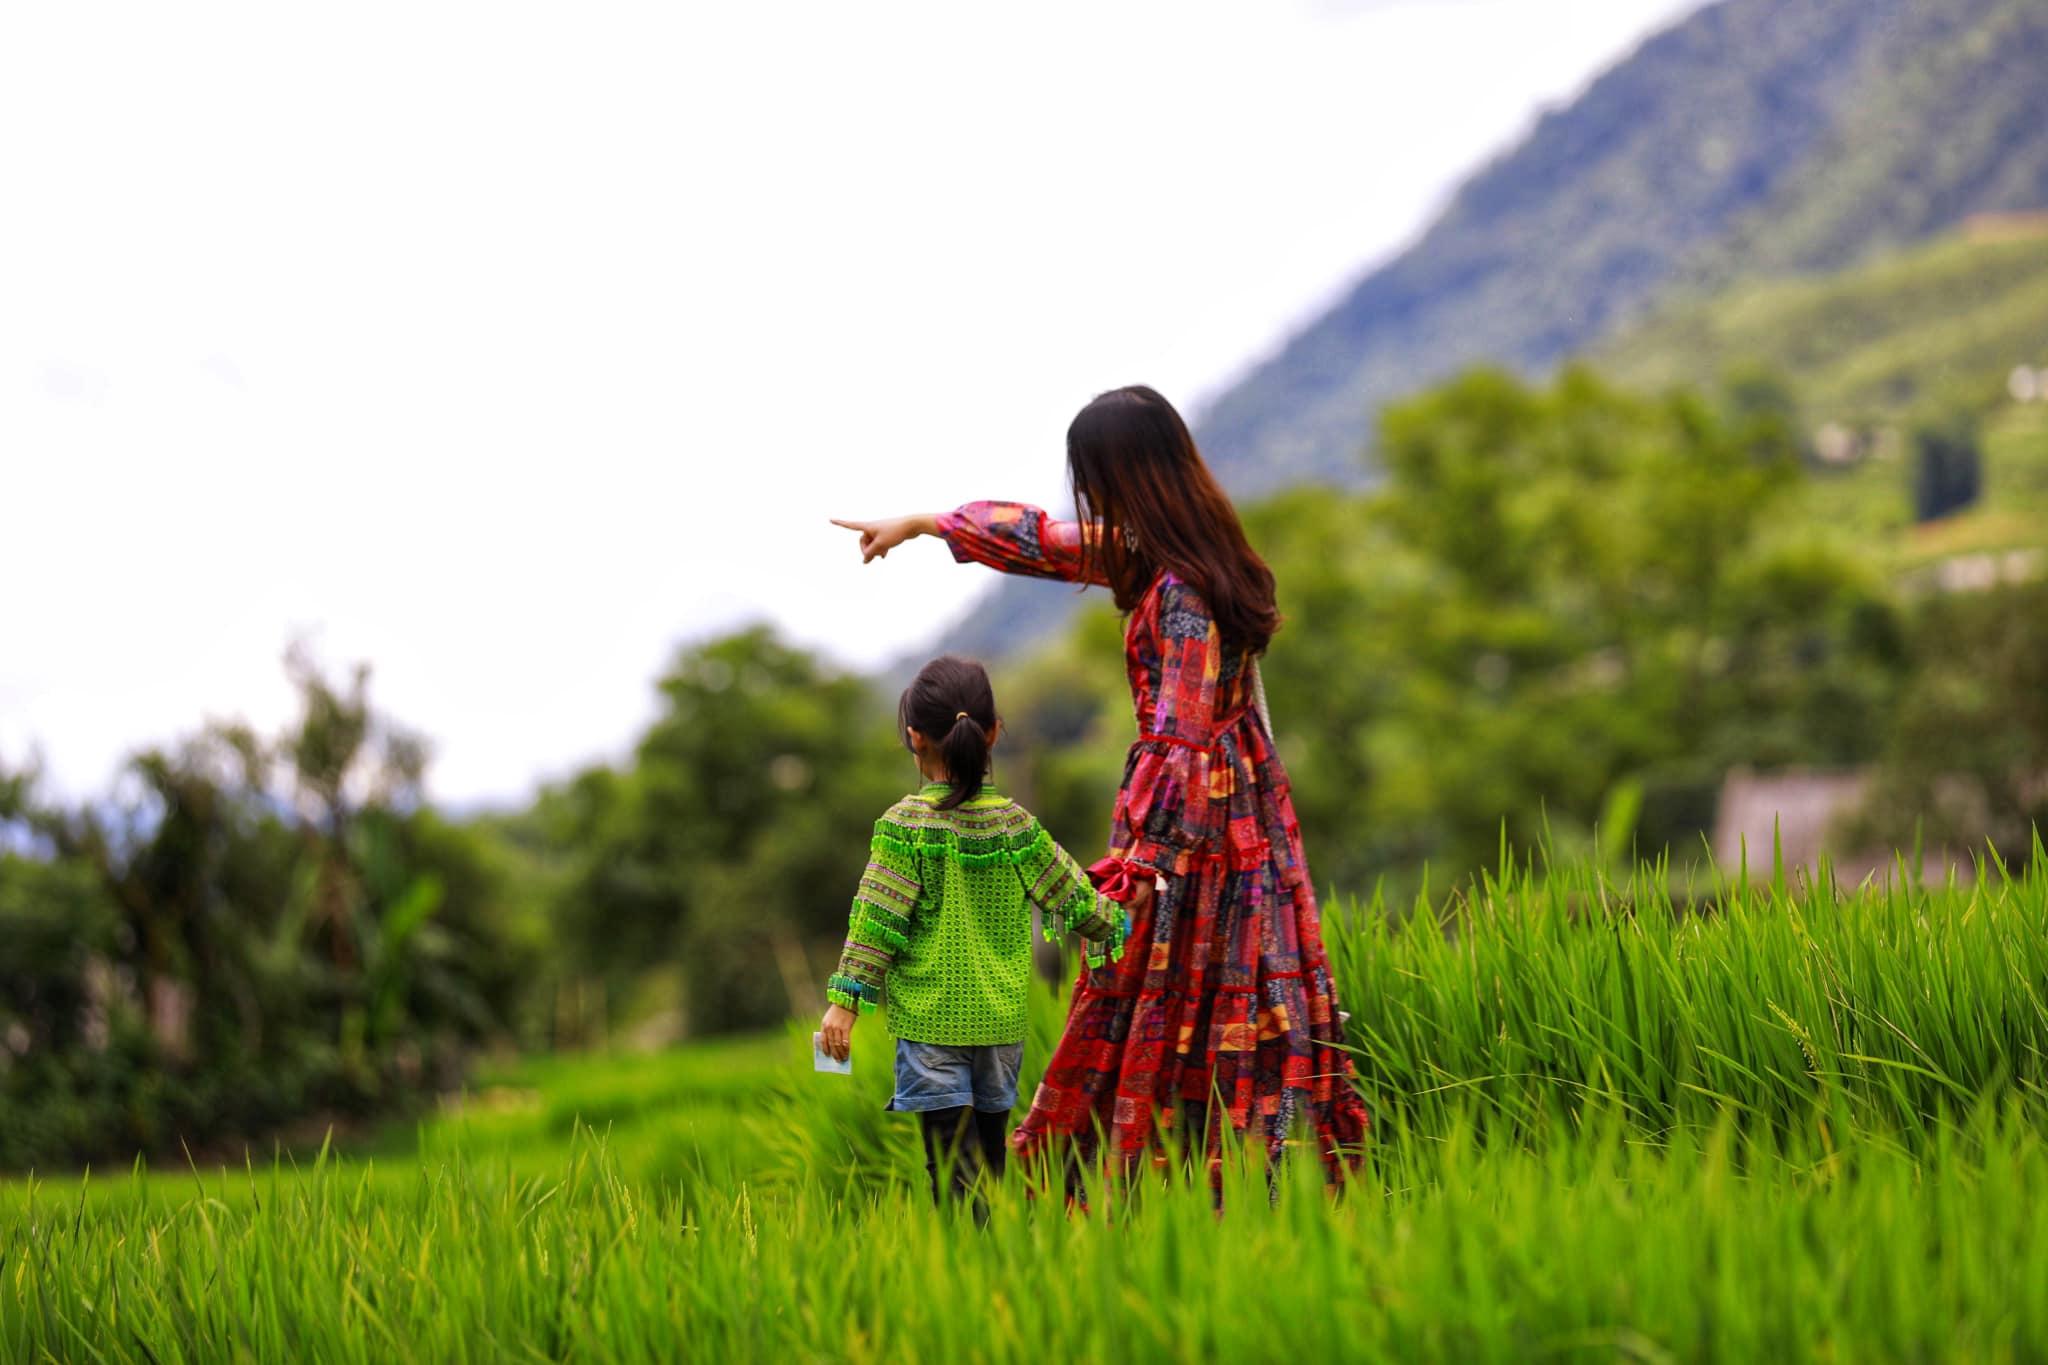 Tour du lịch Sapa từ Quảng Ninh: Rộn rã ngày hè với những gói tour cực ưu đãi  - Ảnh 11.